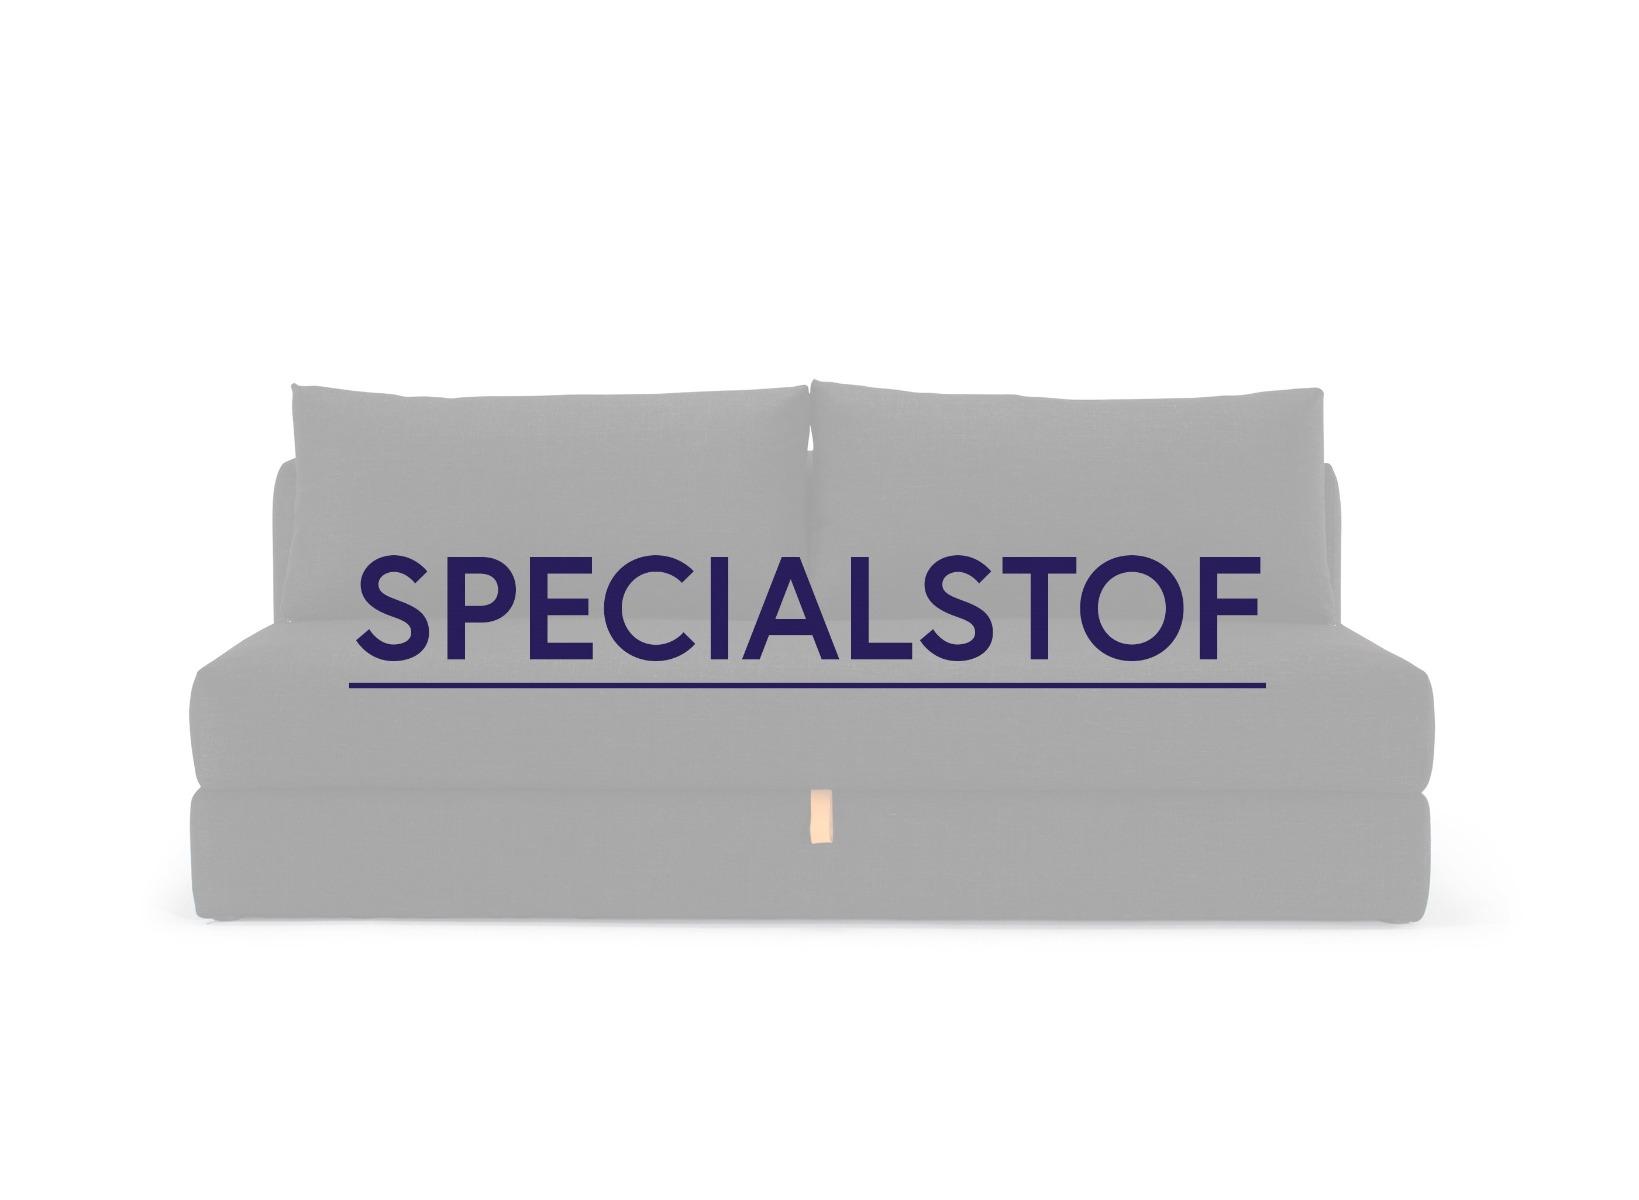 Osvald - Specialstof